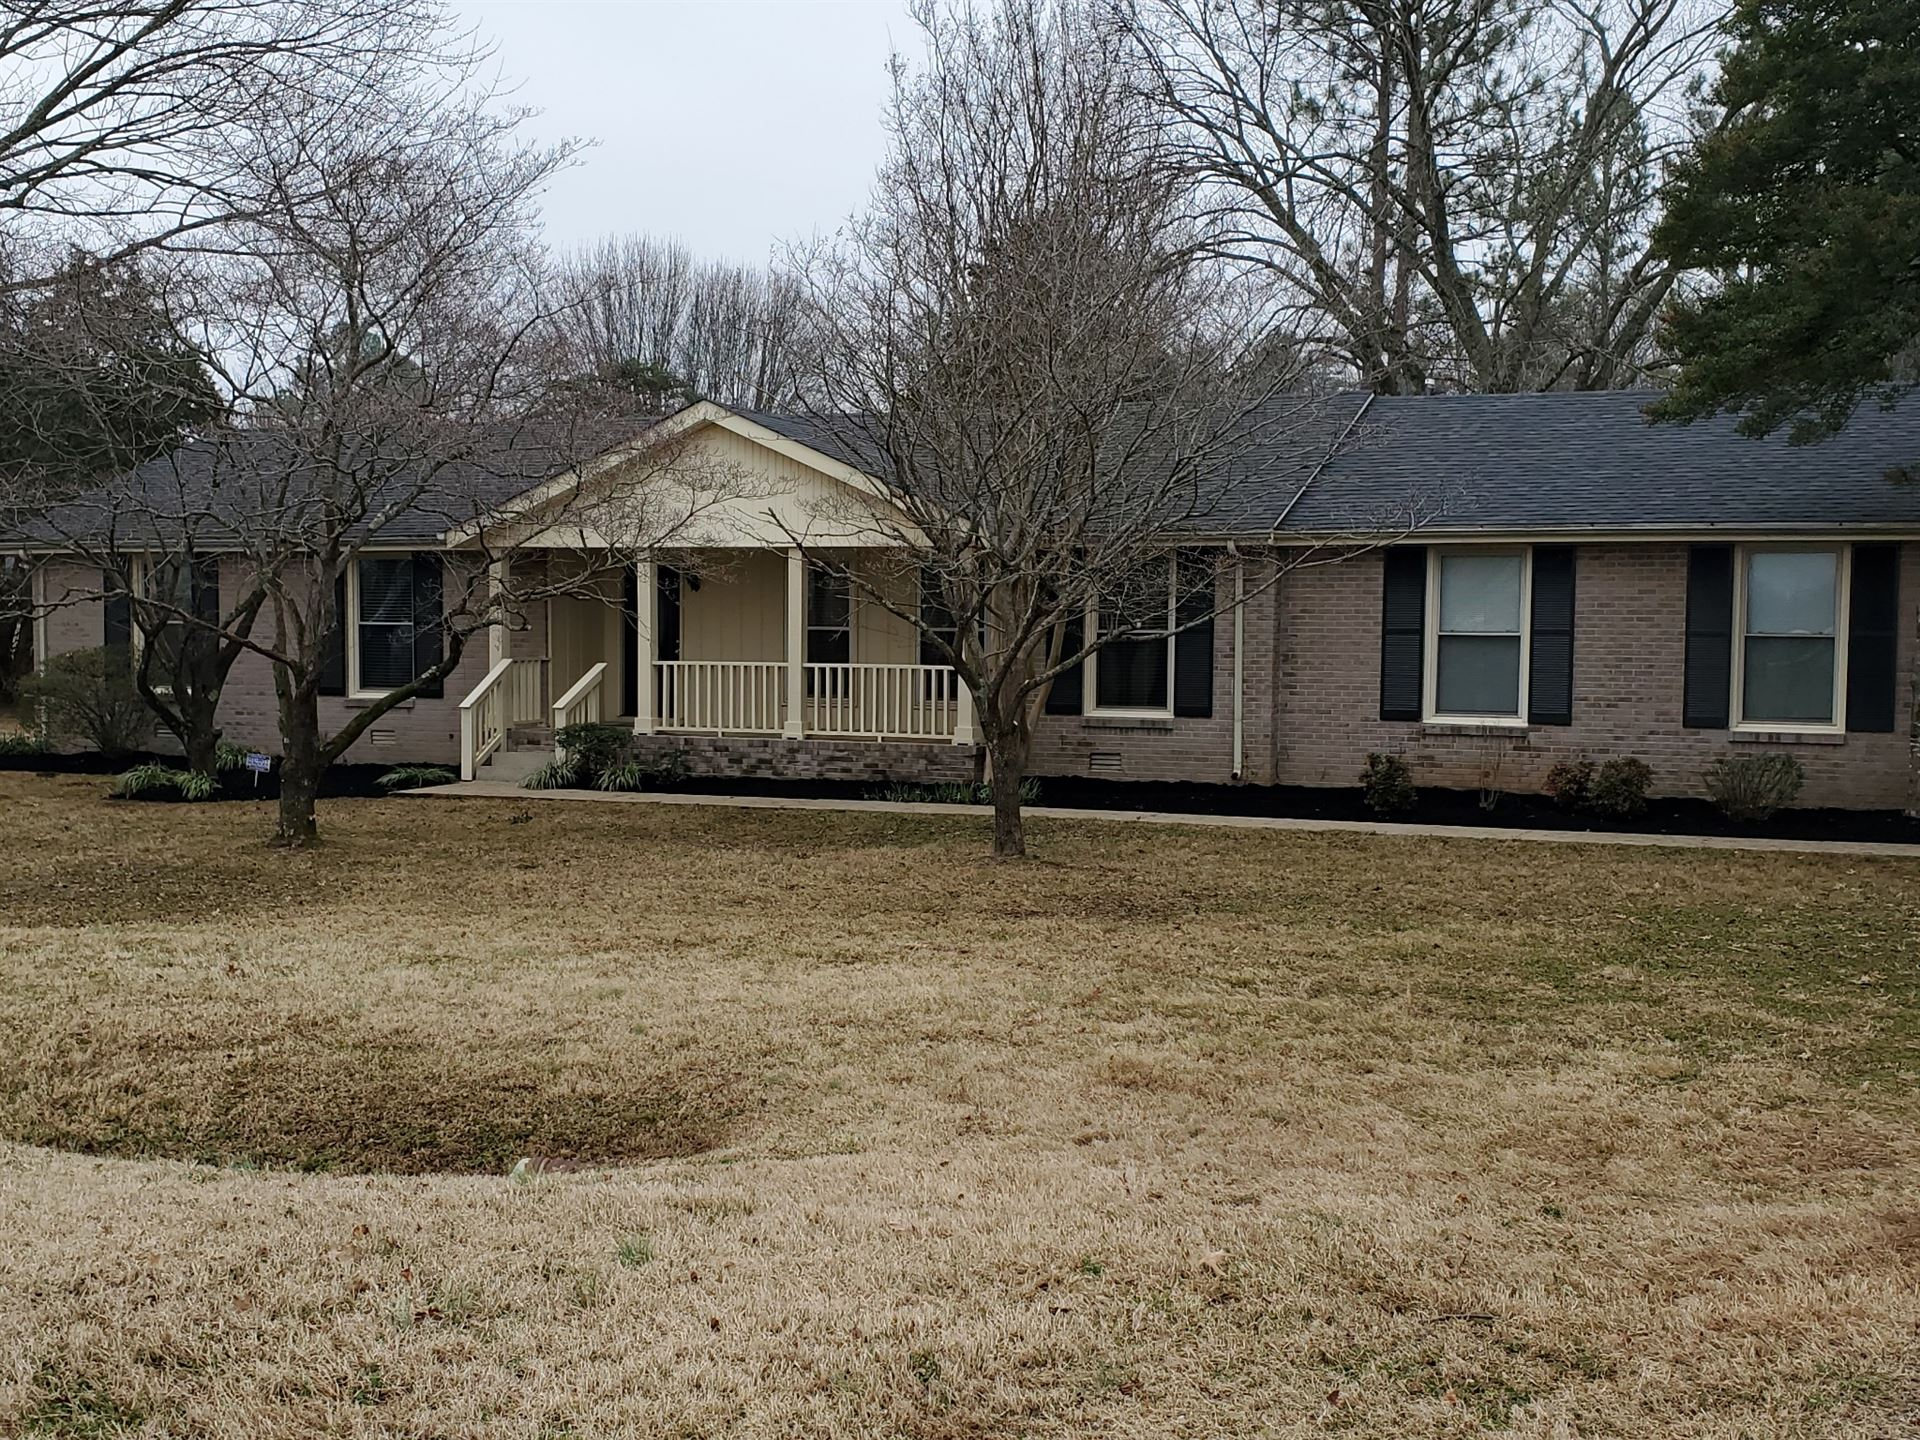 Photo of 708 Dejarnette Ln, Murfreesboro, TN 37130 (MLS # 2228742)